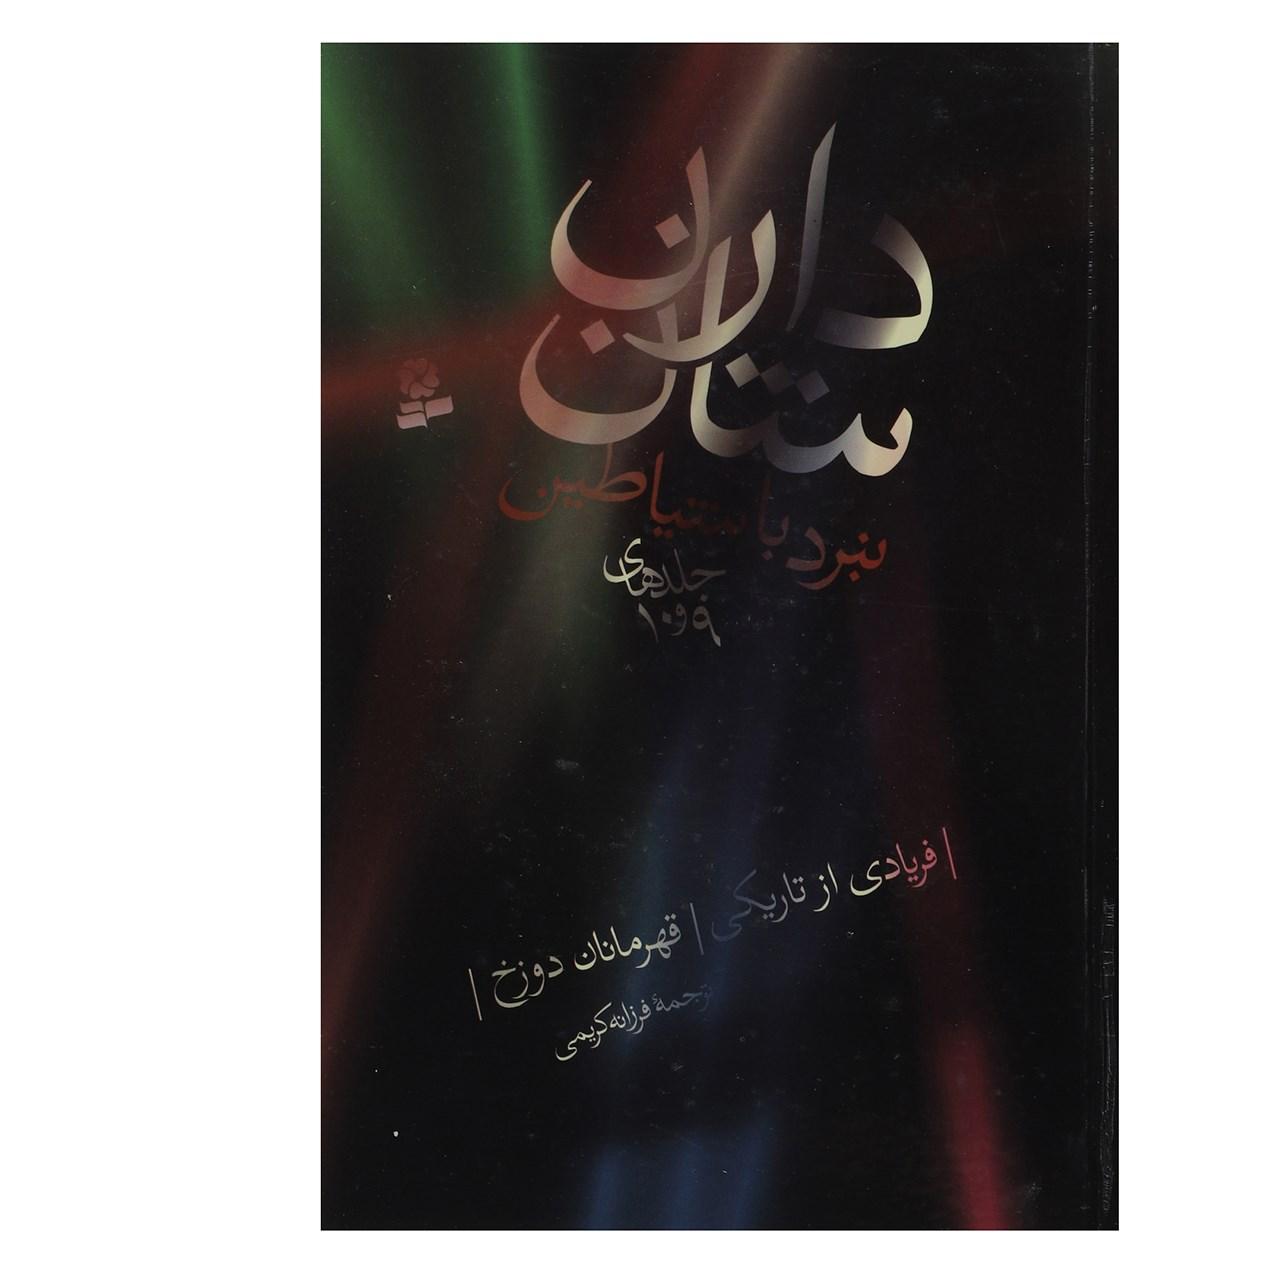 خرید                      کتاب نبرد با شیاطین اثر دارن شان - مجموعه پنجم جلدهای 9 و 10